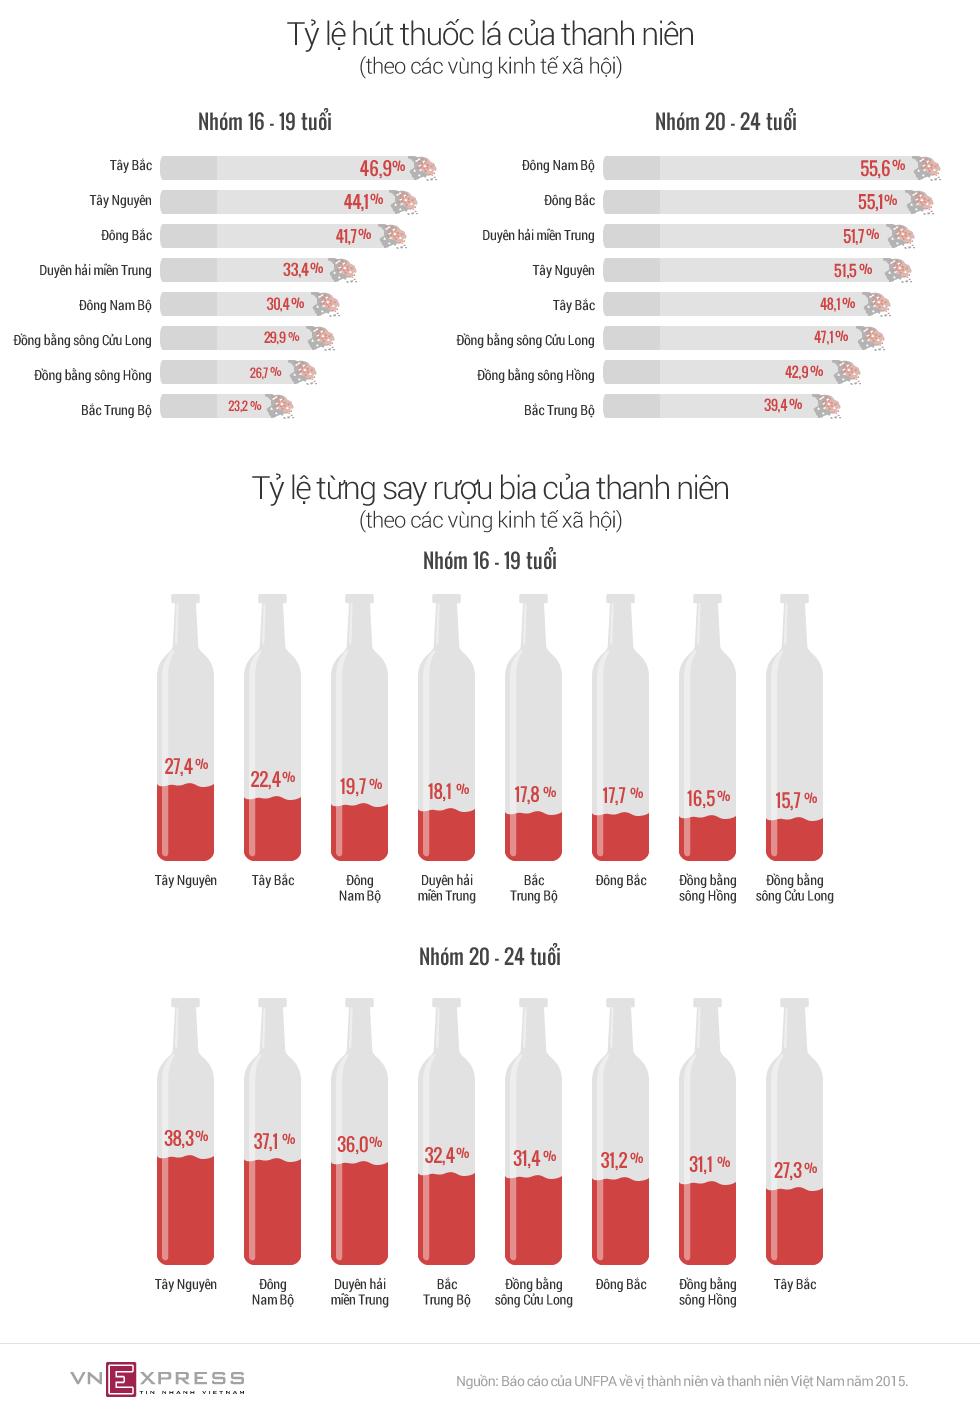 Thanh niên Việt uống rượu hút thuốc từ tuổi đôi mươi